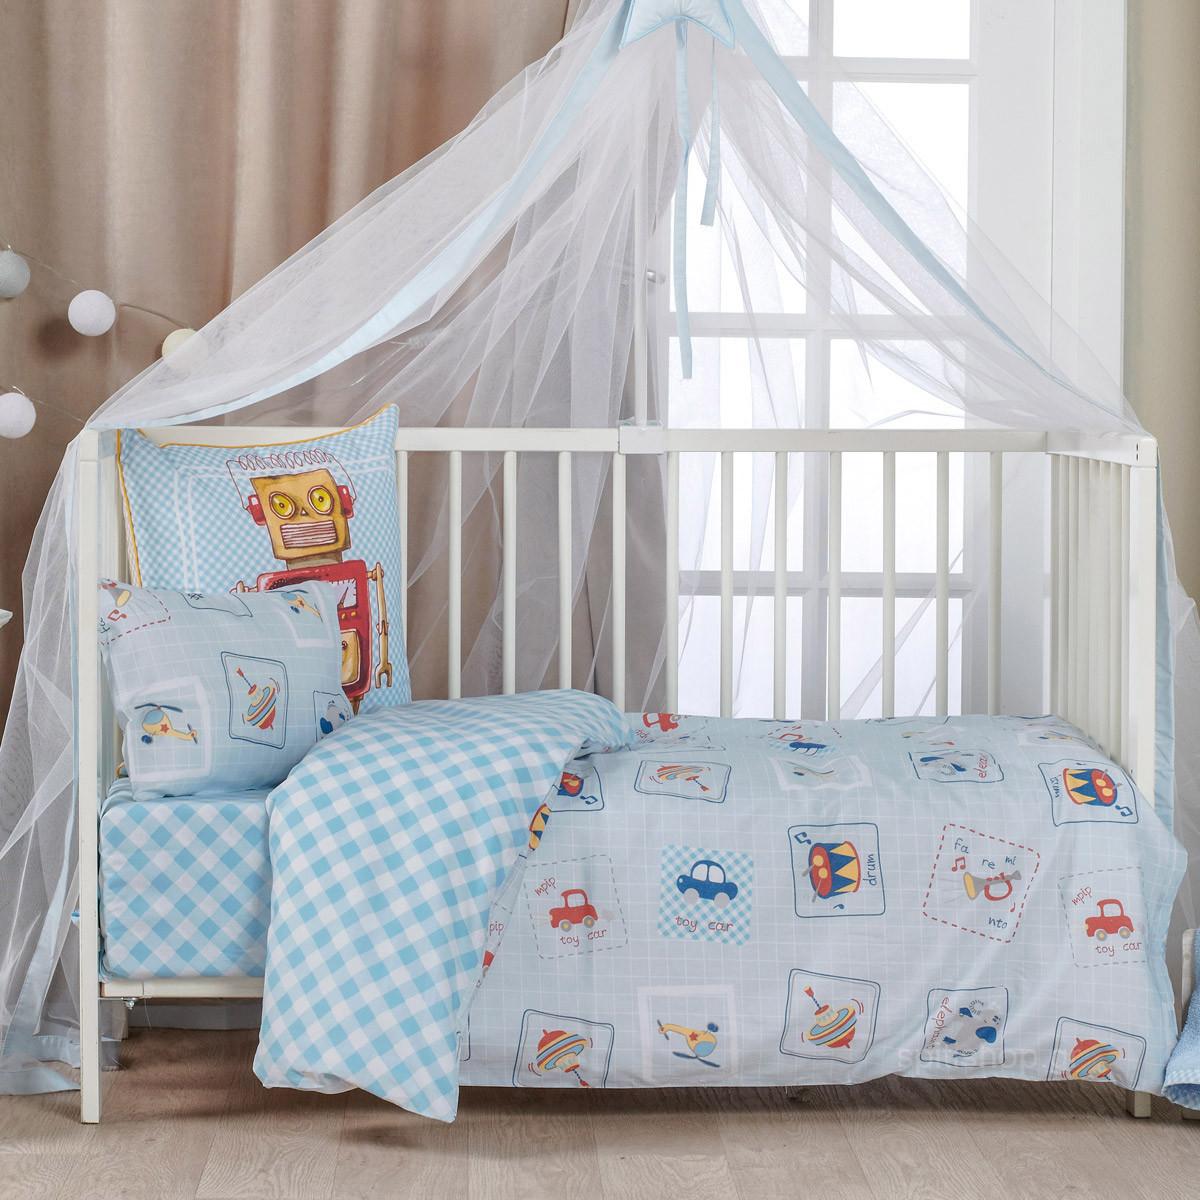 Παπλωματοθήκη Κούνιας (Σετ) Kentia Baby Twister